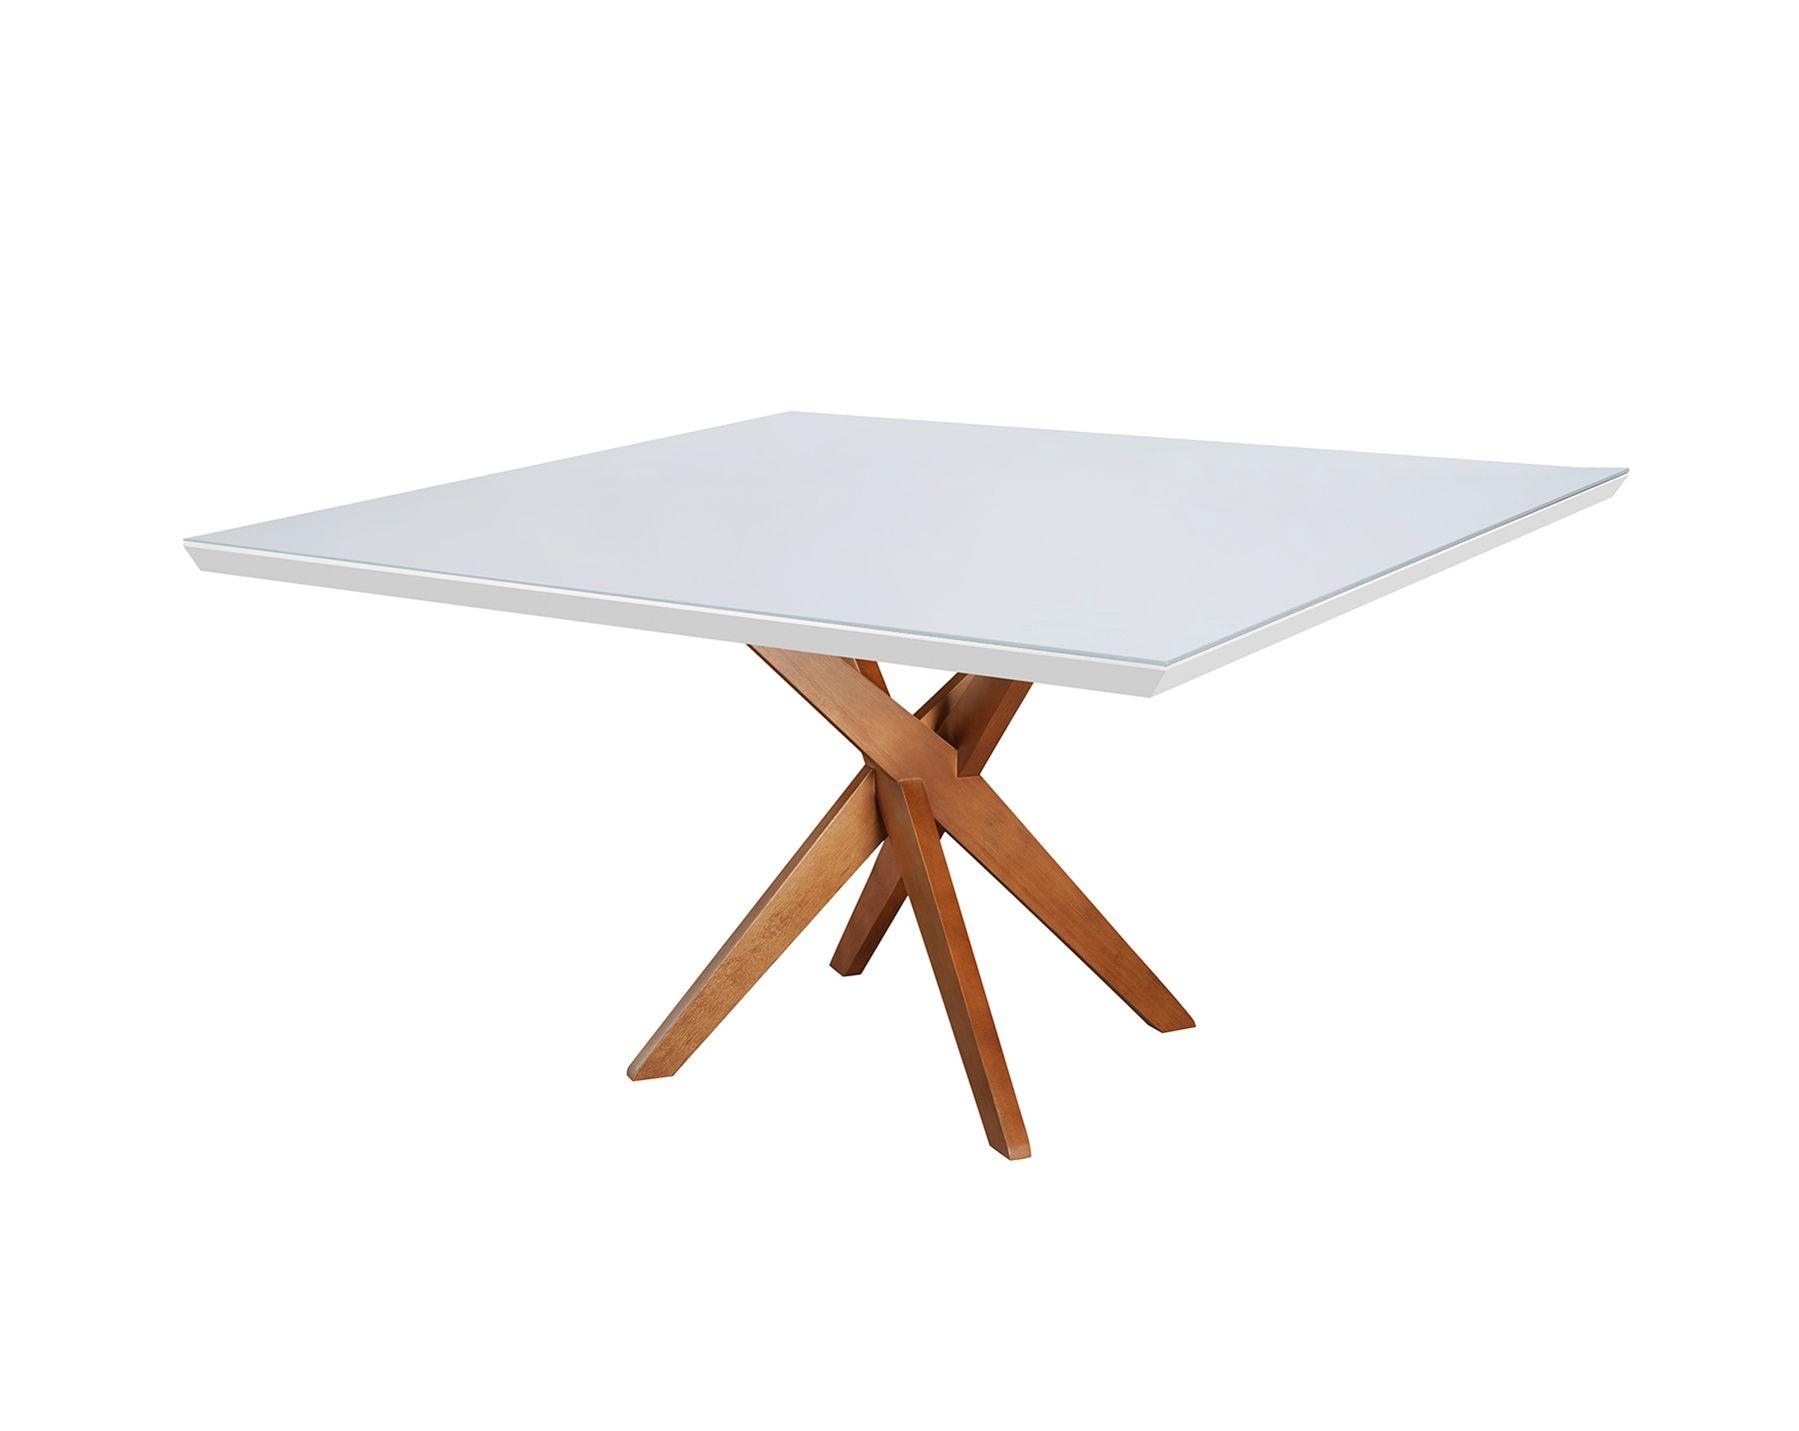 Mesa de Jantar Quadrada X - Tamanho (120 x 120cm ) - Branca